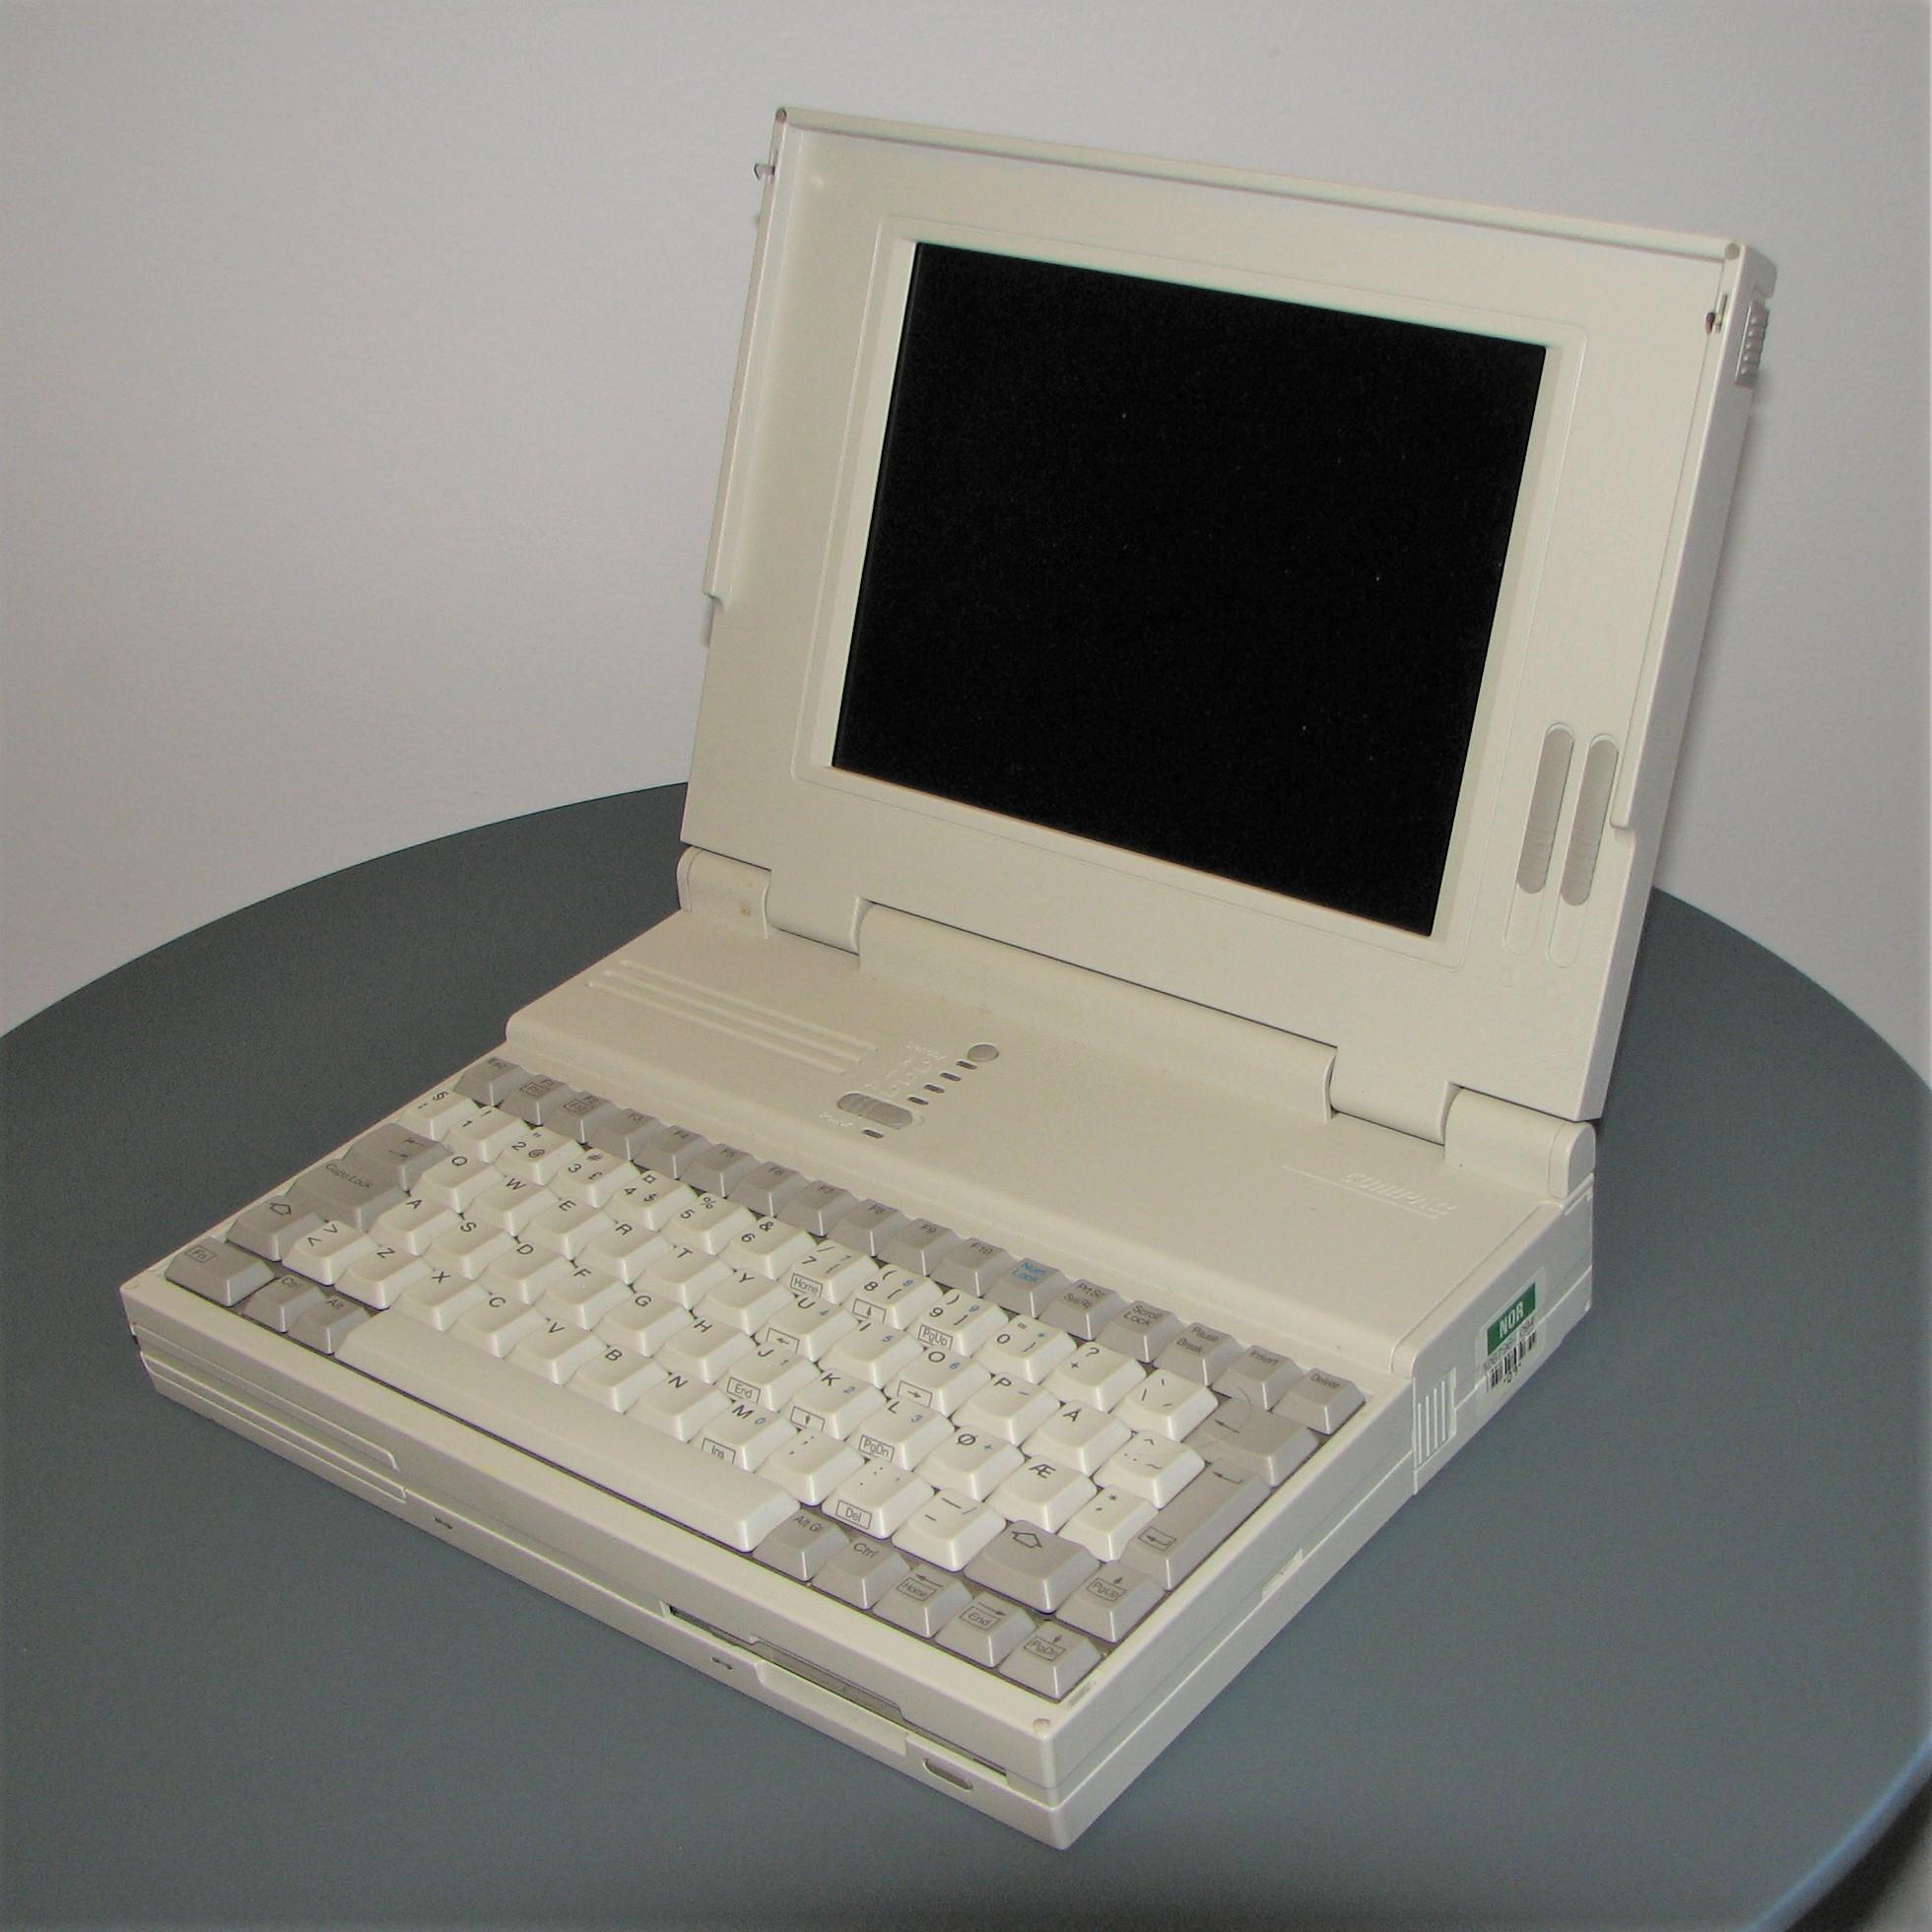 Compaq LTE, 1989 (image: Wikipedia)